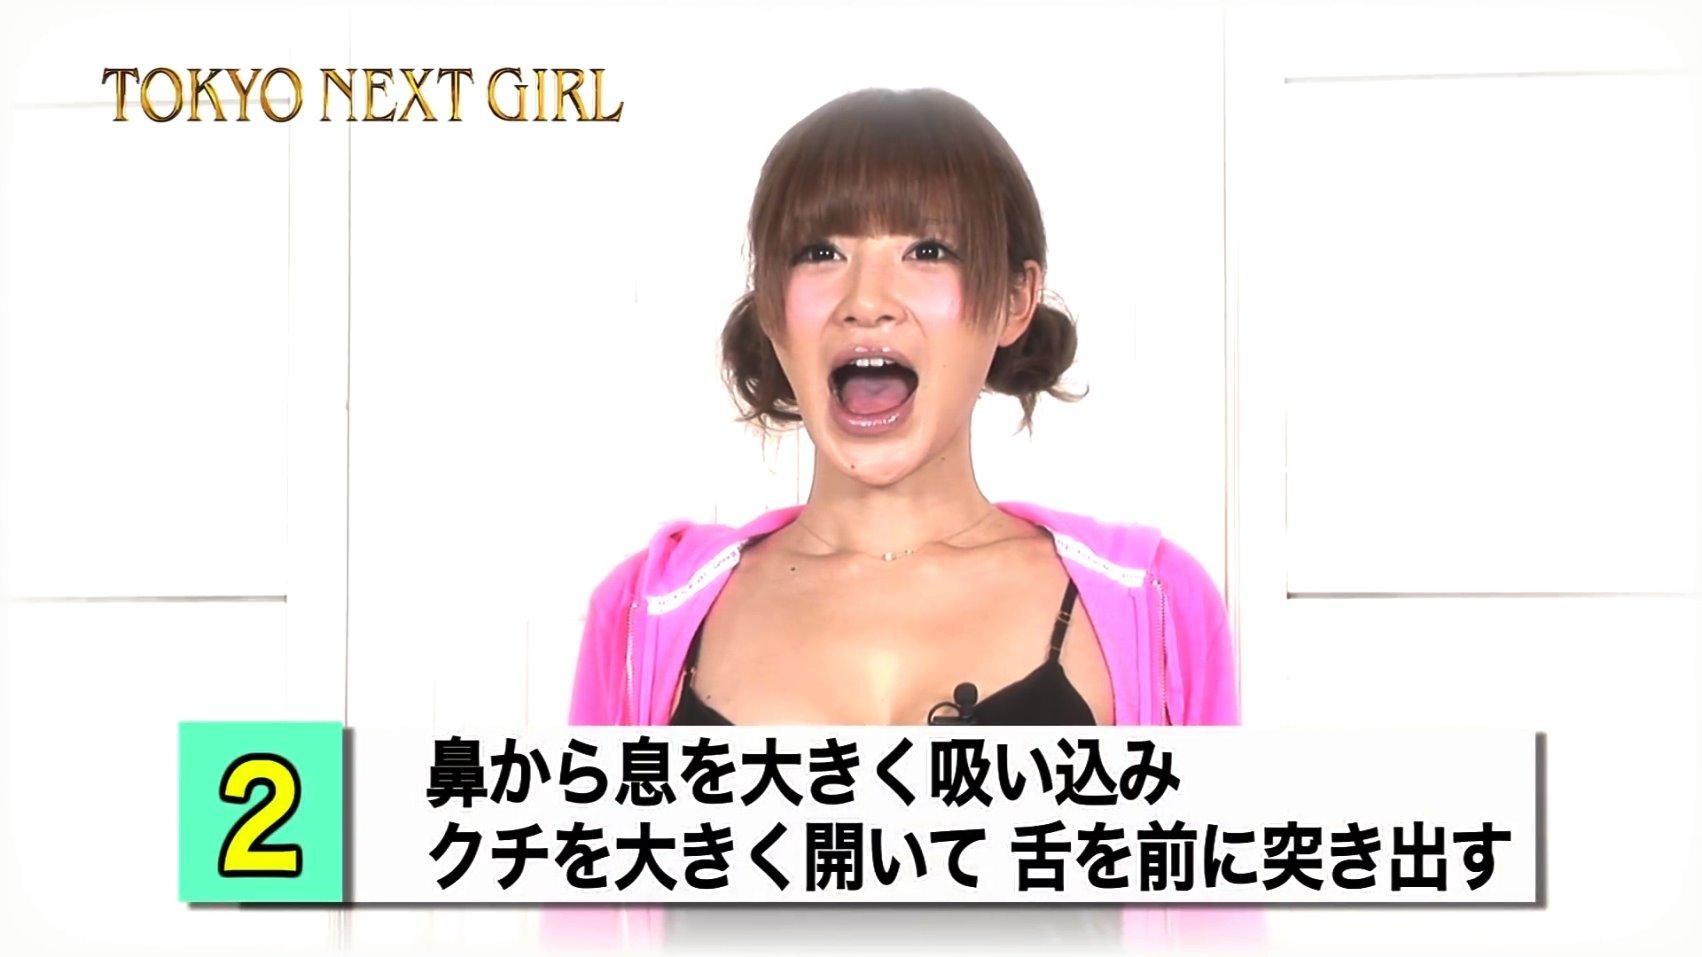 手島優の顔ヨガ舌出し (3)